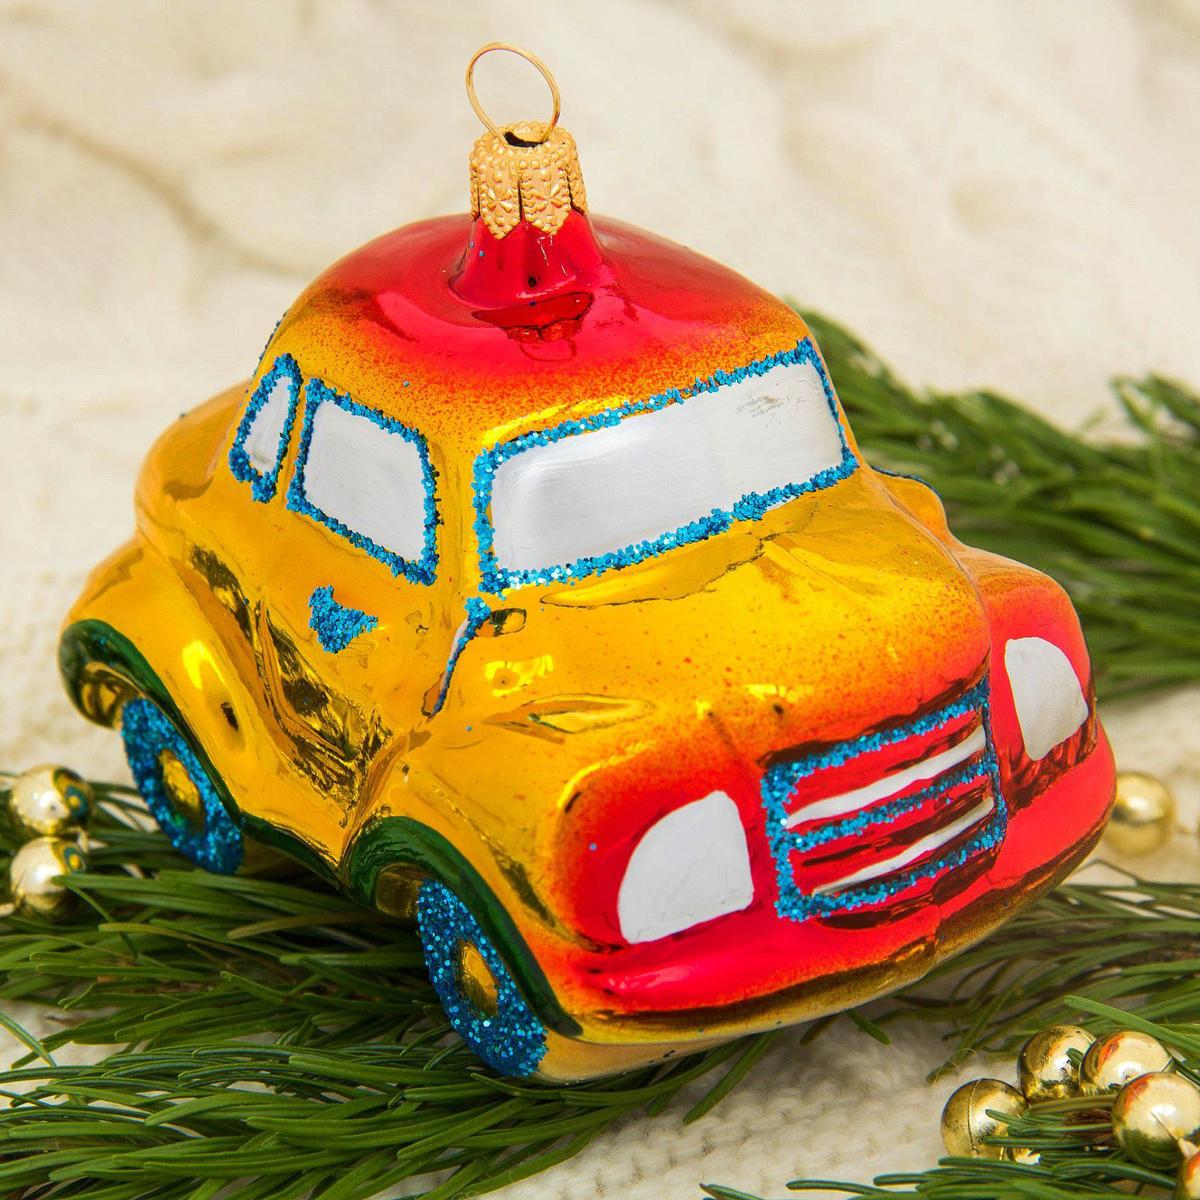 Новогоднее подвесное украшение Ёлочка Машинка, 13,5 х 14,5 х 7 см2564816Новогоднее подвесное украшение Ёлочка отлично подойдет для декорации вашего дома и новогодней ели. Новогоднее украшение можно повесить в любом понравившемся вам месте. Но, конечно, удачнее всего оно будет смотреться на праздничной елке.Елочная игрушка - символ Нового года. Она несет в себе волшебство и красоту праздника. Такое украшение создаст в вашем доме атмосферу праздника, веселья и радости.